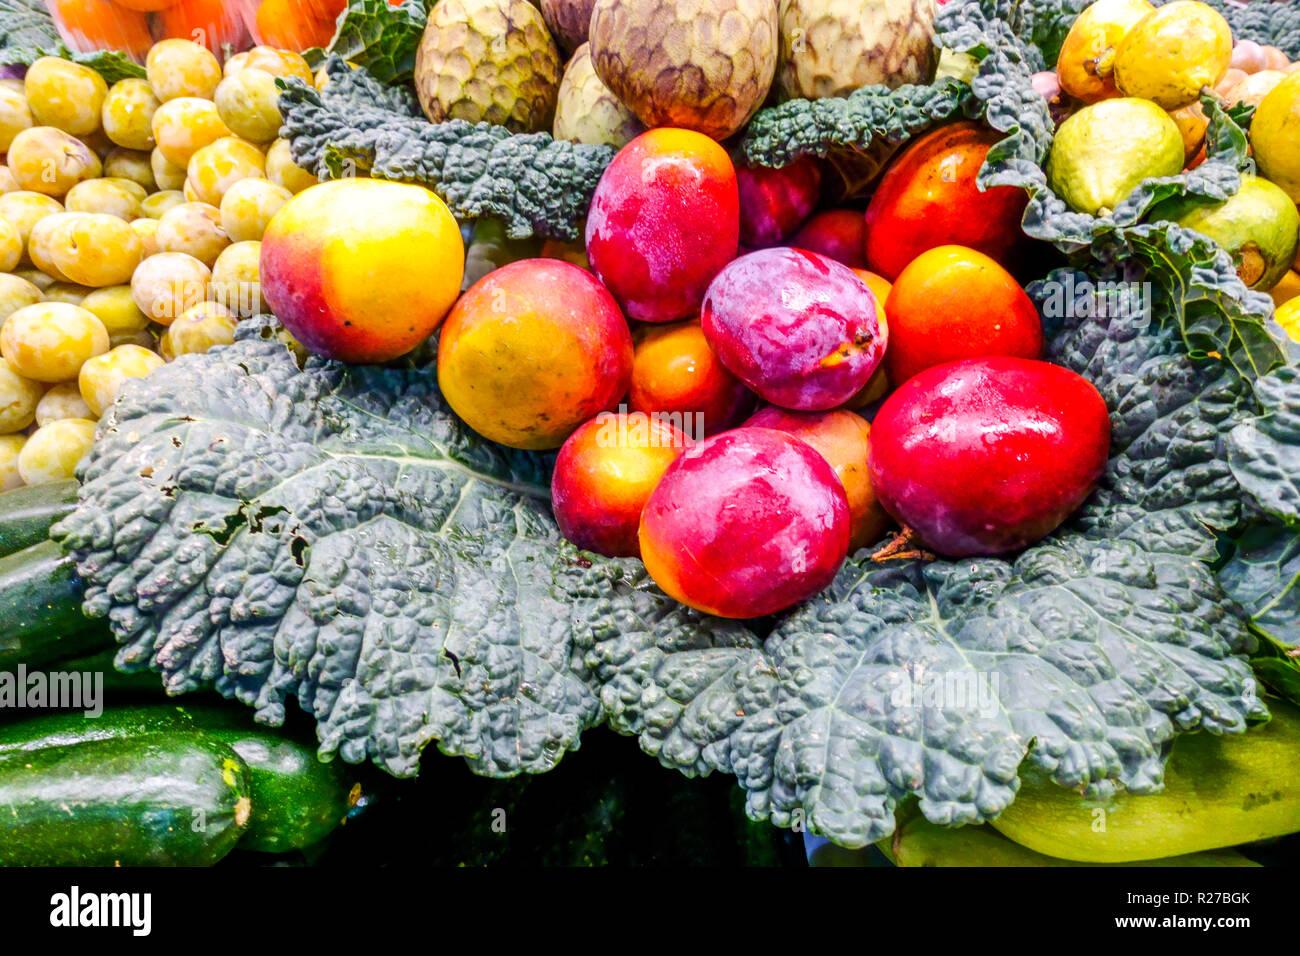 Fresh mango fruit on vegetable market stall, Alicante Spain - Stock Image